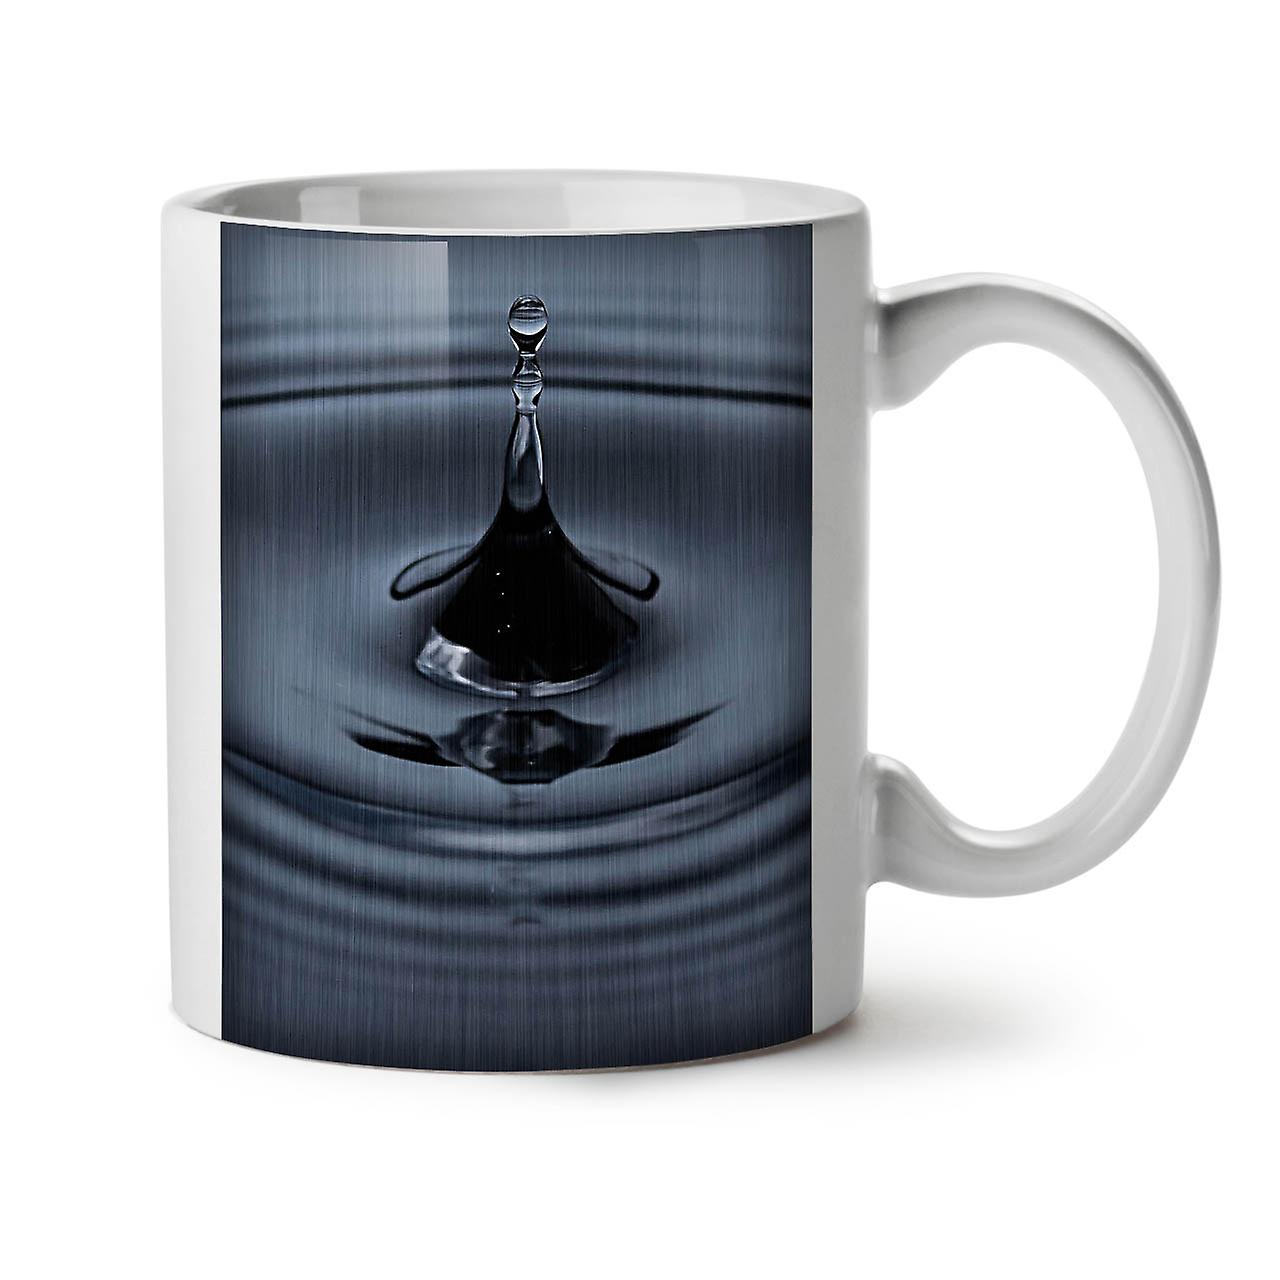 Nature Thé Céramique Art Tasse L'eau OzWellcoda Café Goutte Blanc 11 Nouveau EDH2IW9Y